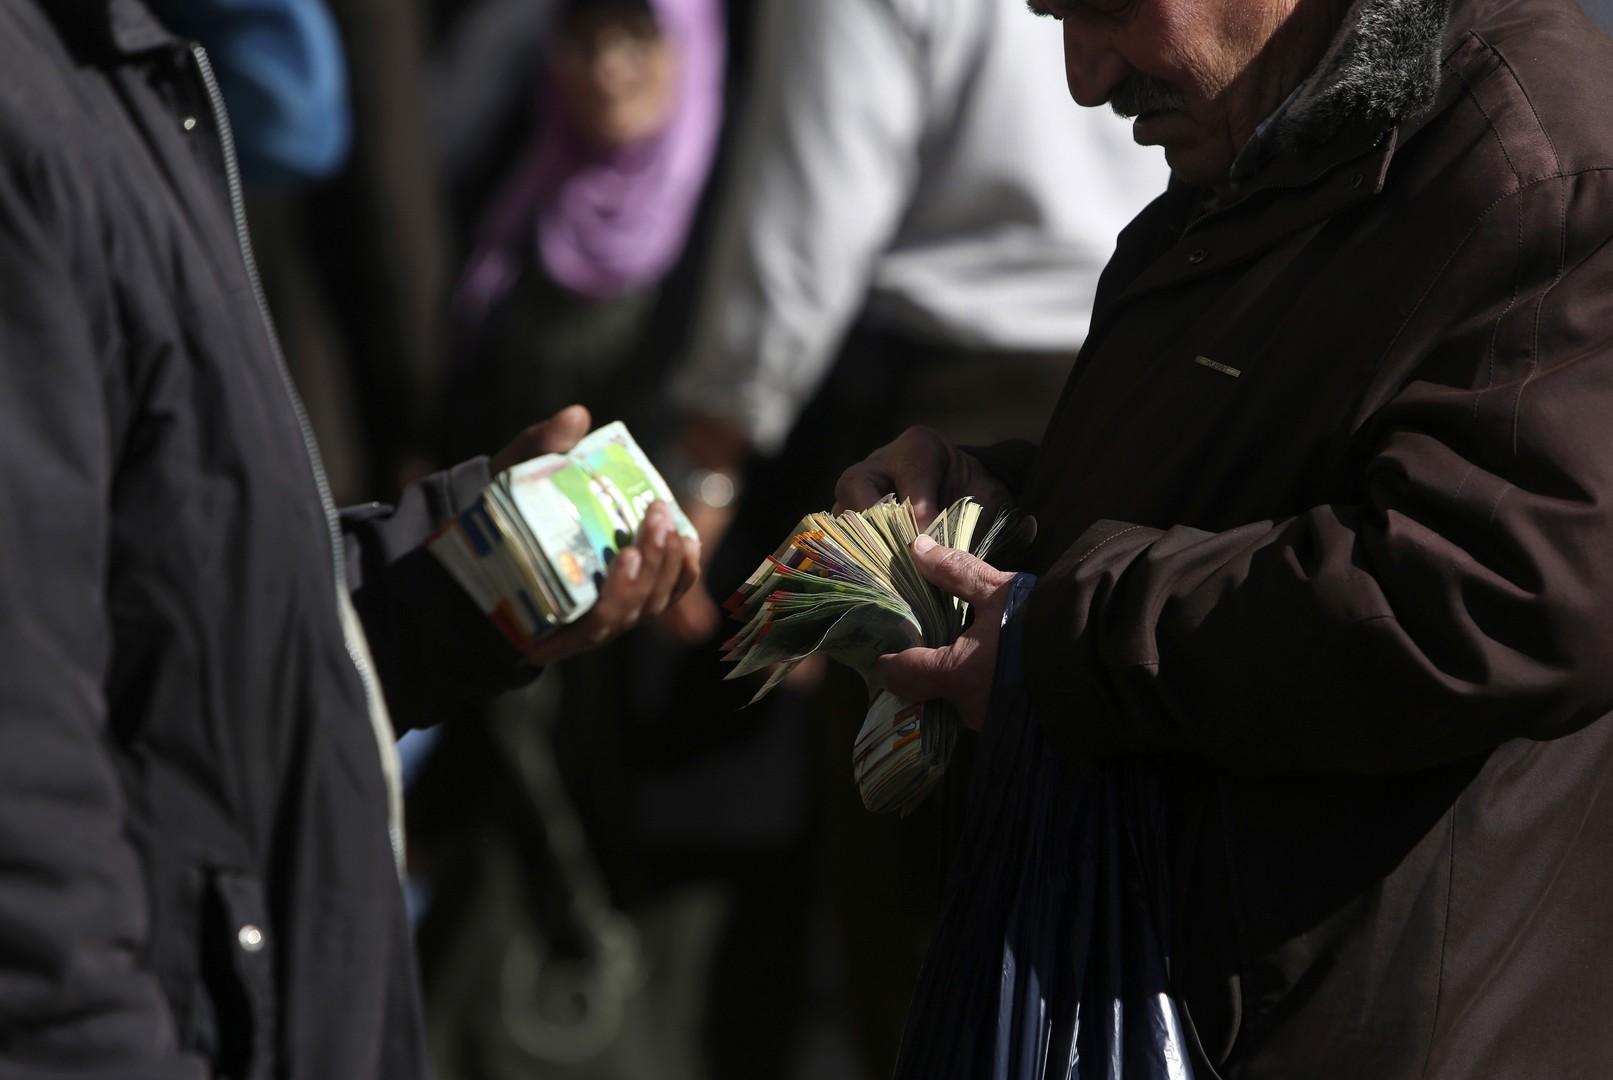 رئيس الوزراء الفلسطيني يعلن صرف رواتب الموظفين العموميين بنسبة 110%